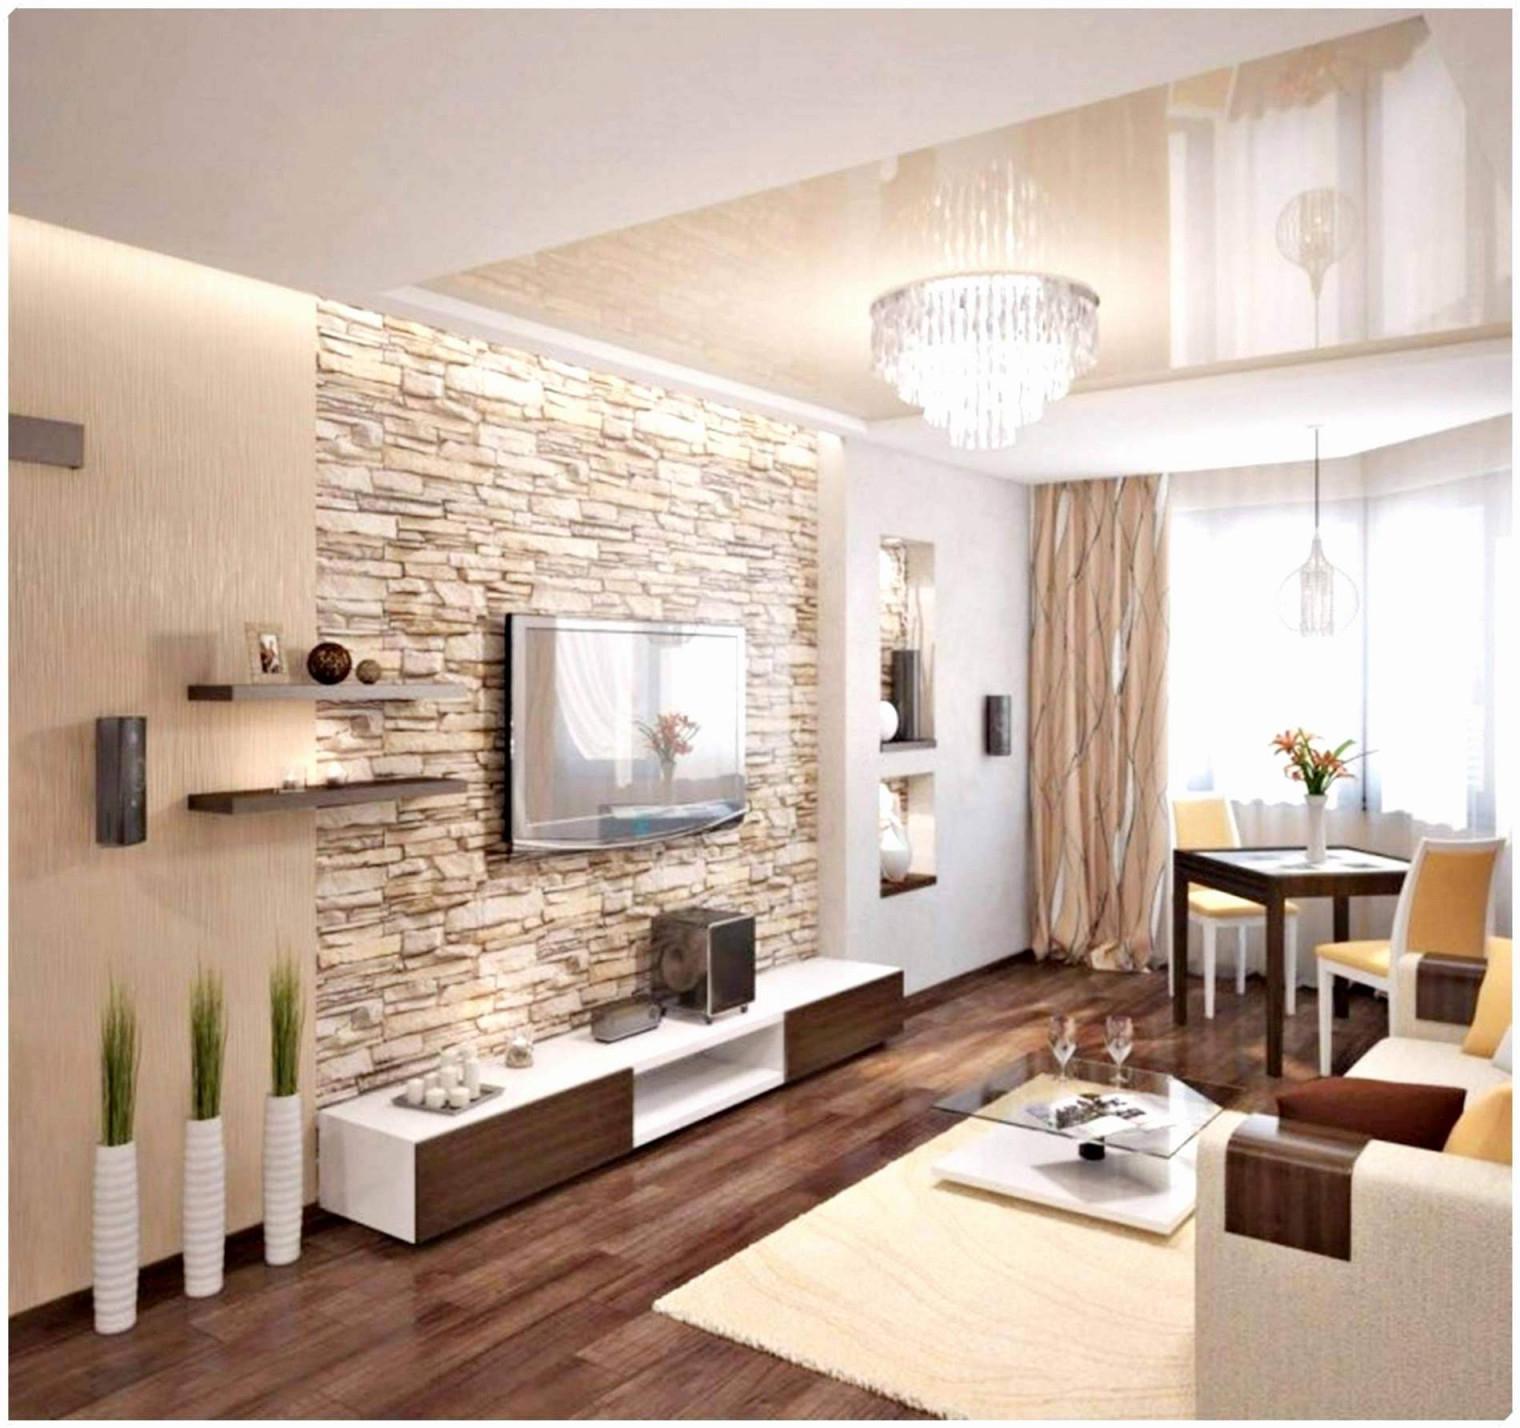 36 Neu Wandgestaltung Wohnzimmer Farbe Schön  Wohnzimmer Frisch von Ideen Wohnzimmer Wandgestaltung Bild